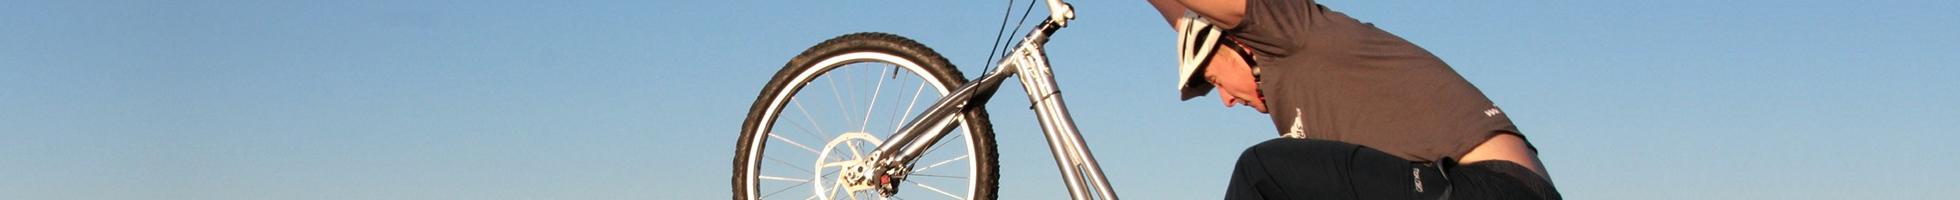 Banner Bikes